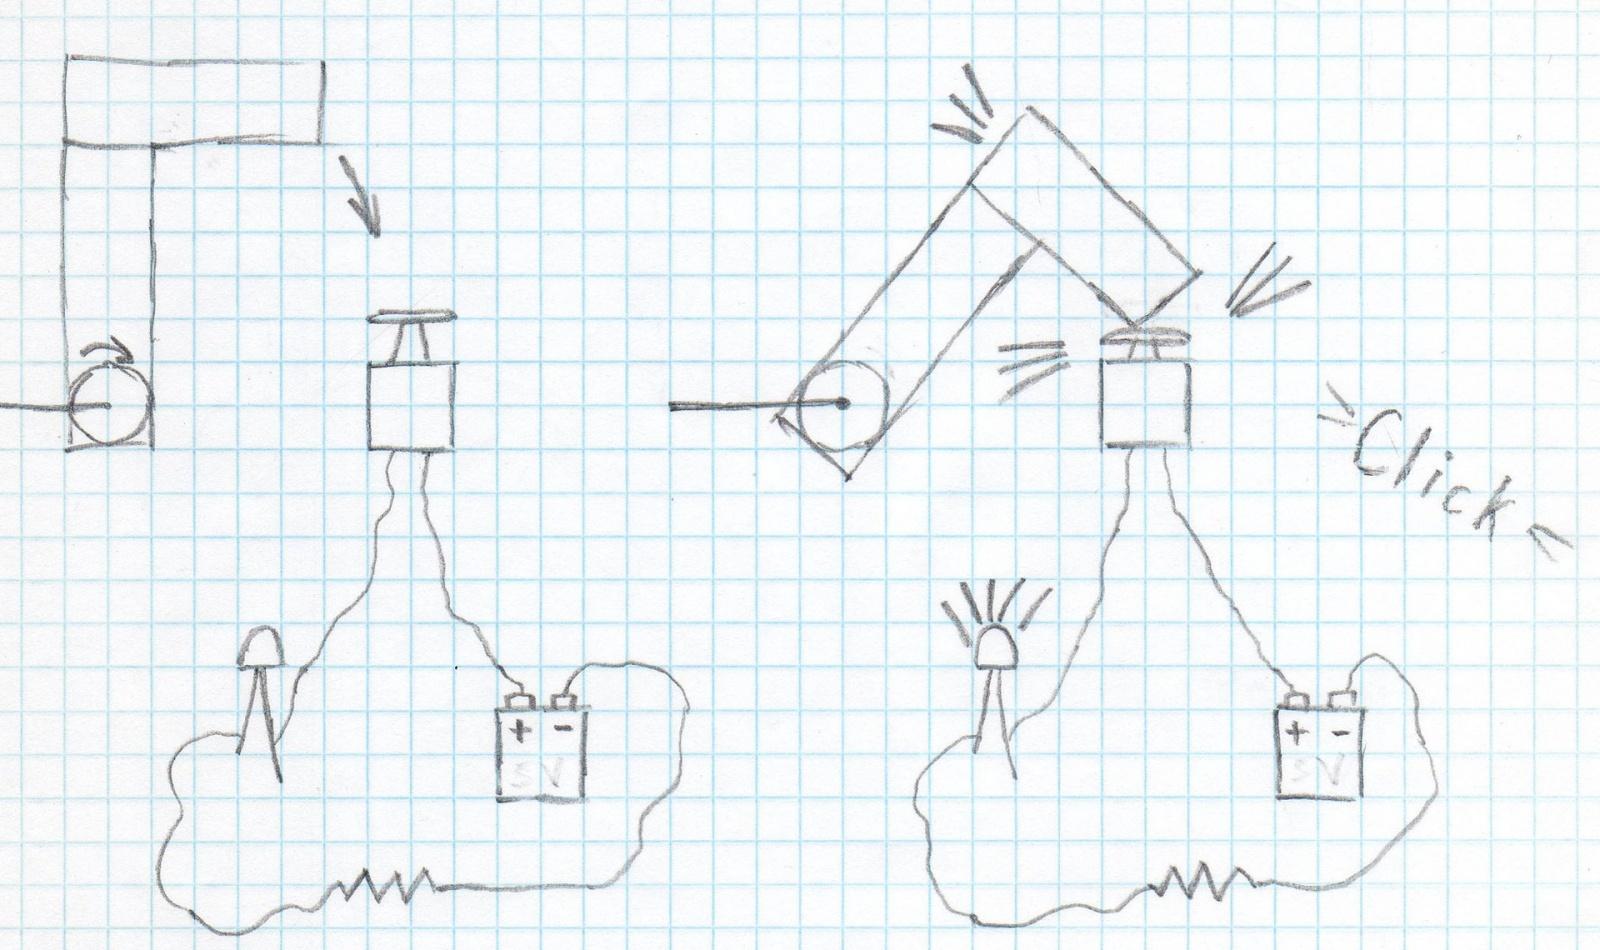 Машина Голдберга в реальной жизни. Сложный ли алгоритм действия для сложного механизма? - 5